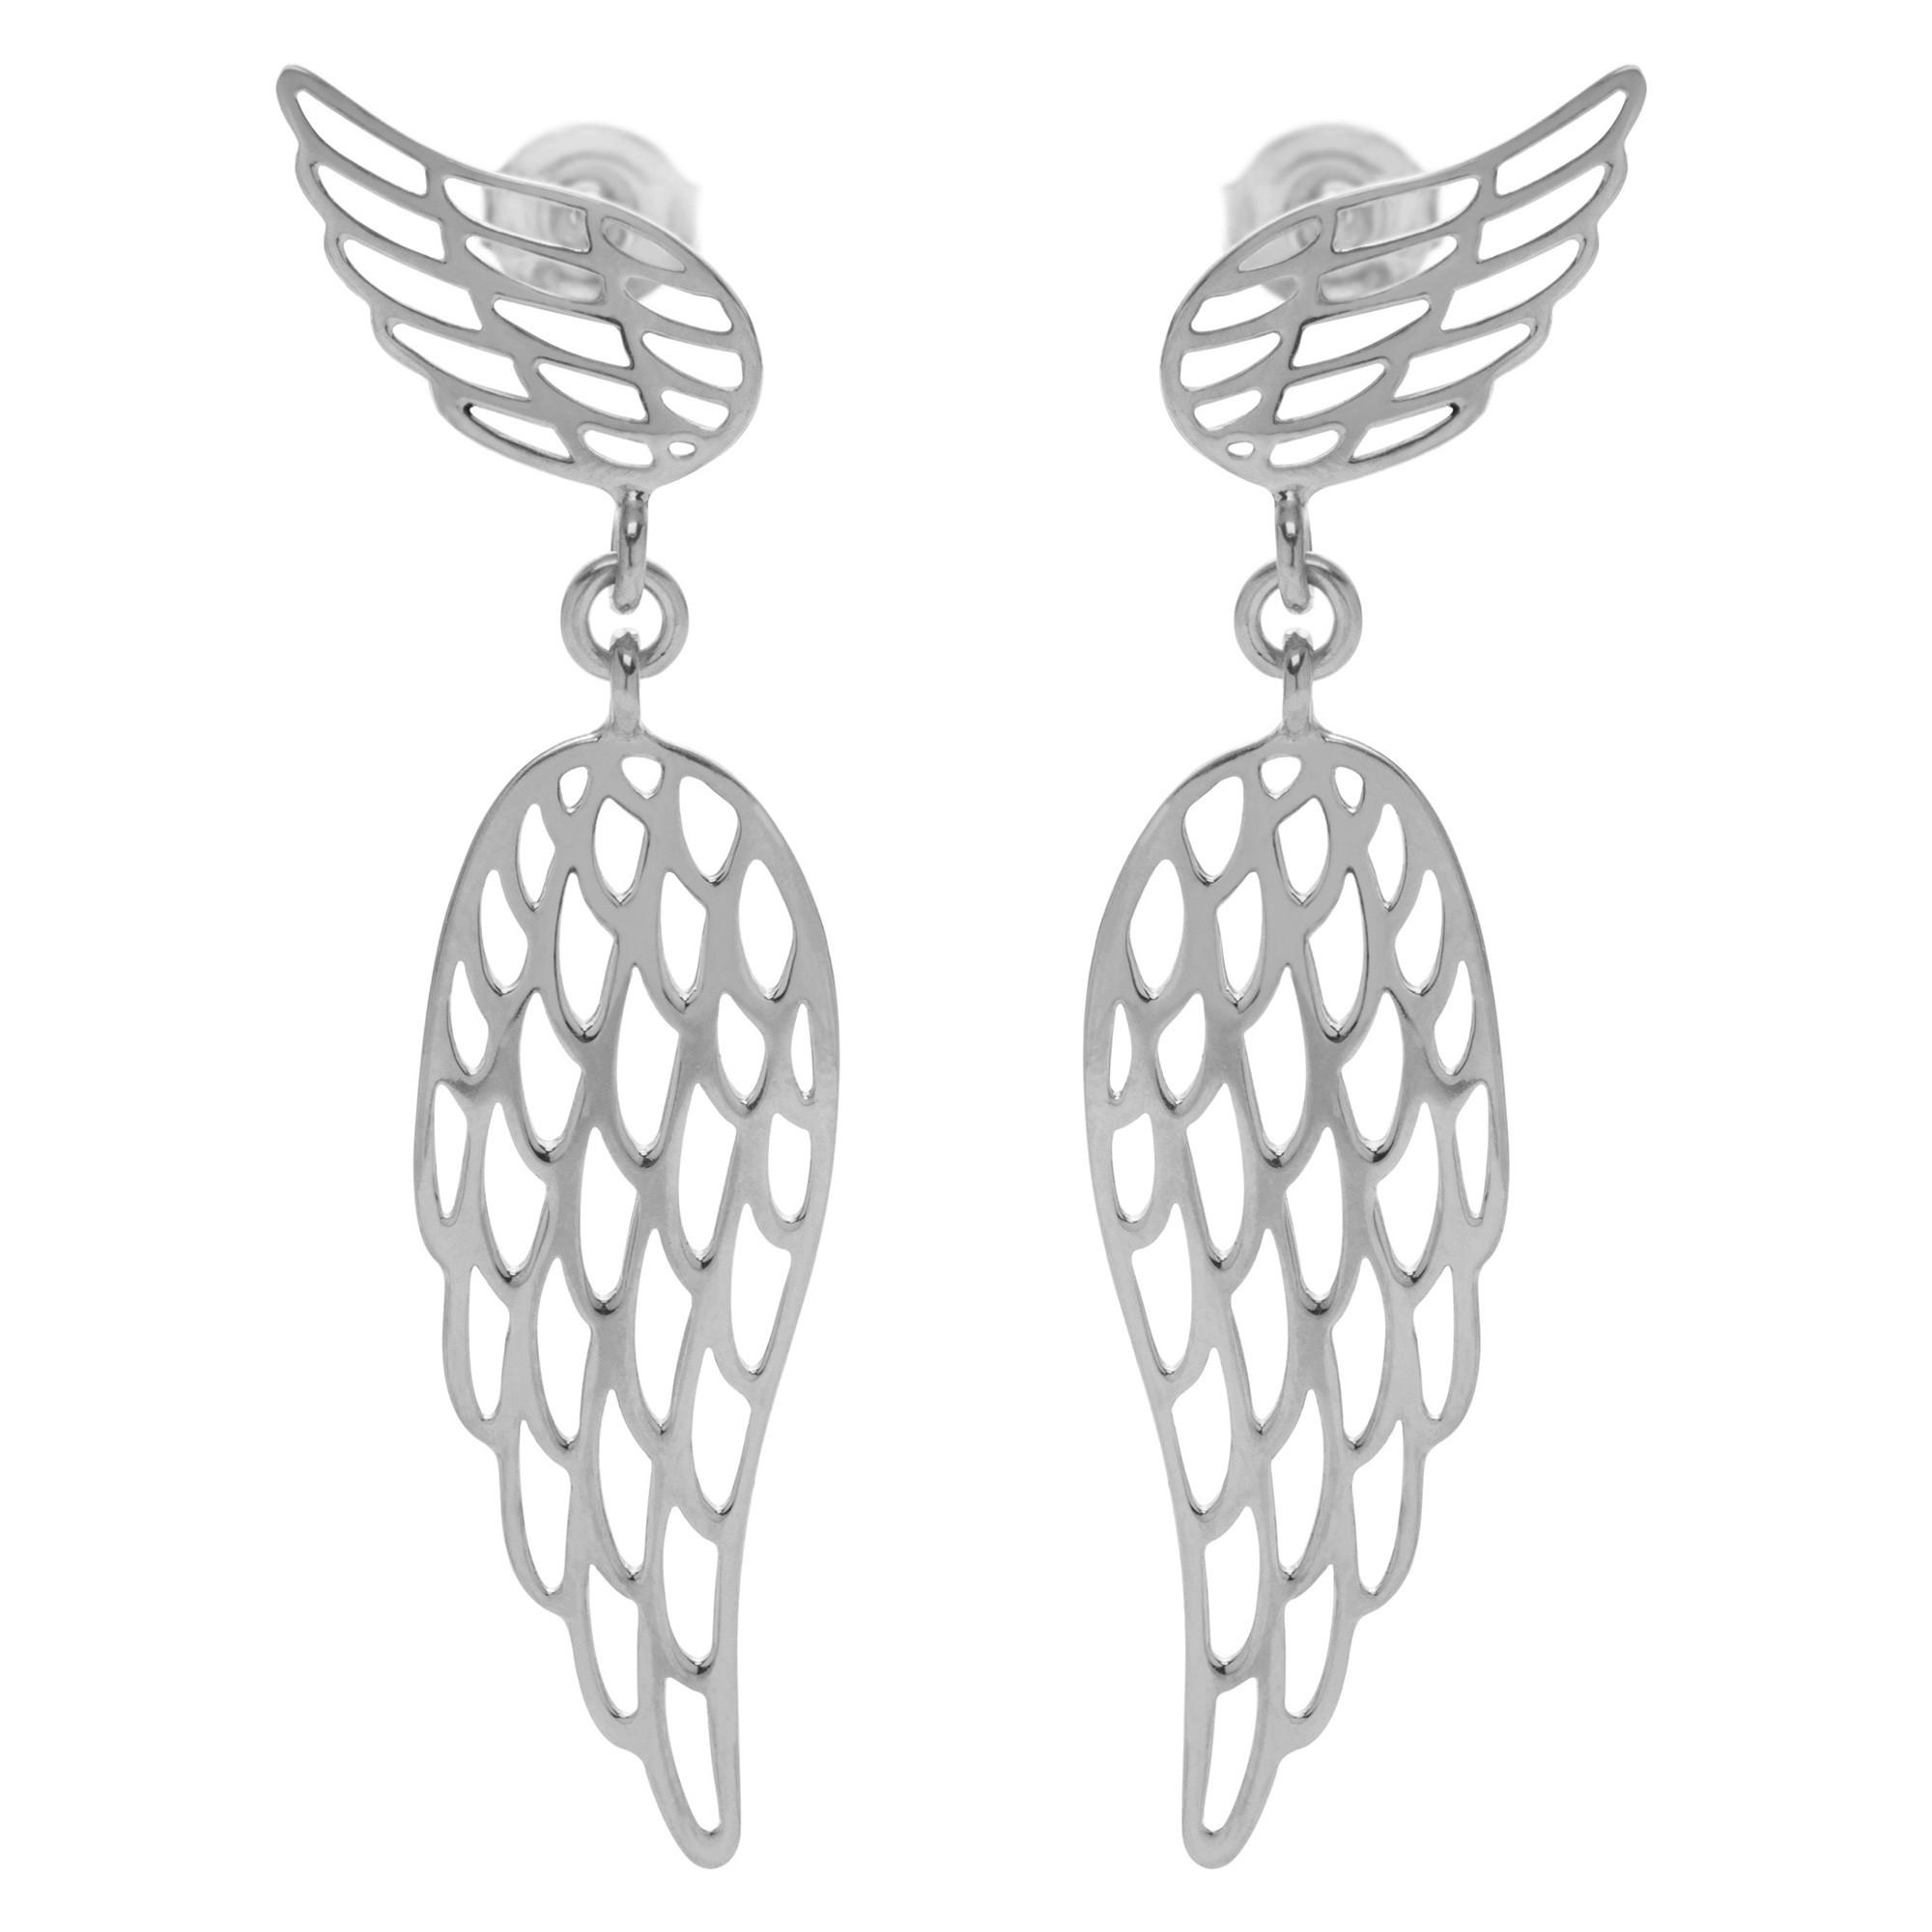 Boucles d'oreilles pendantes ailes en argent